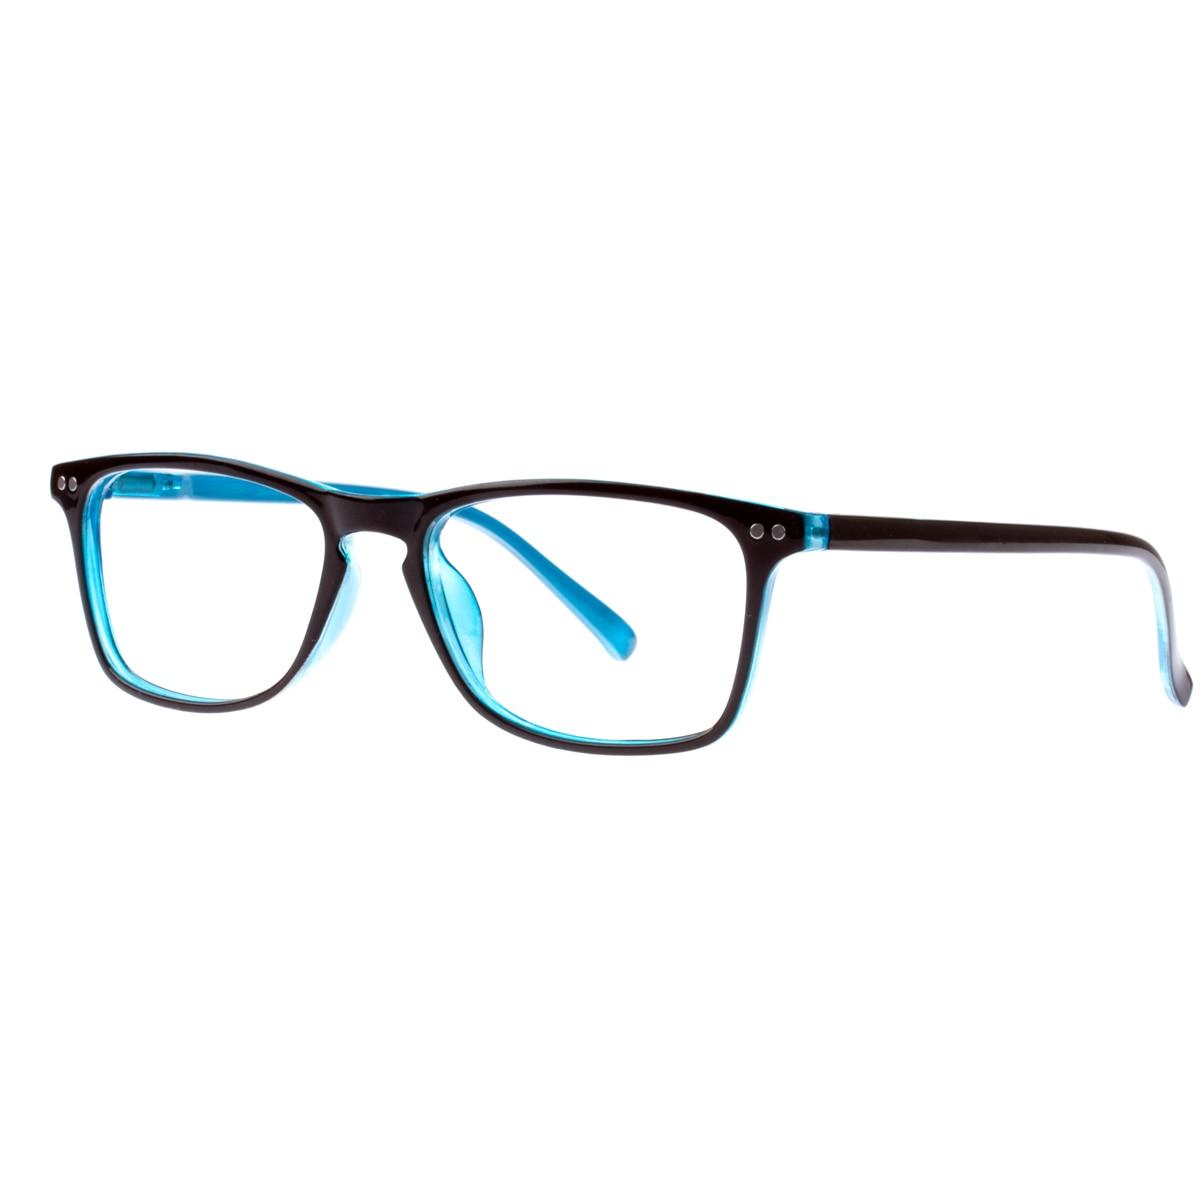 látás 5 5 dioptria a látásvesztés oka 40 évesen